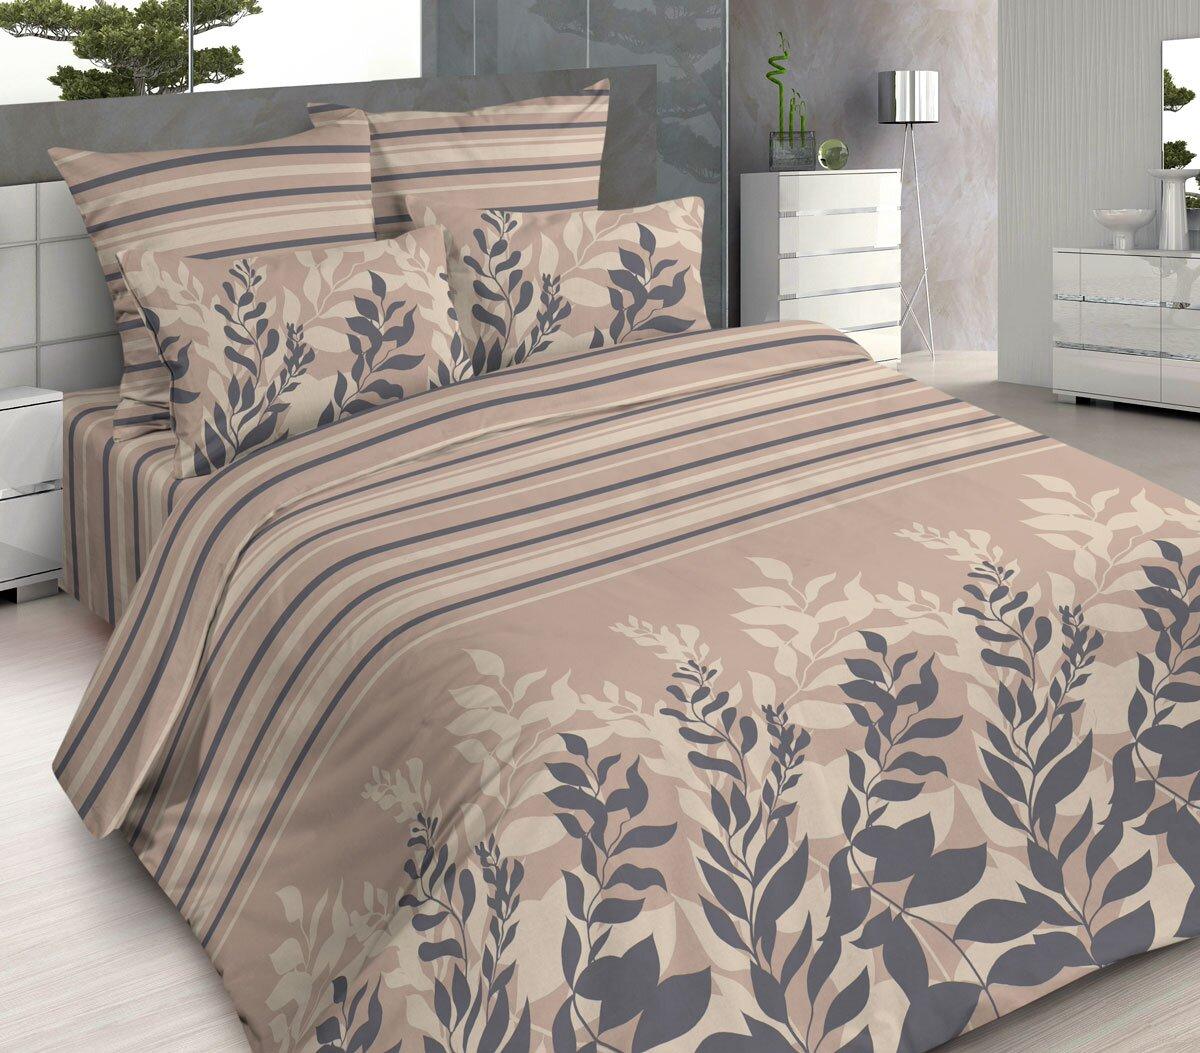 Комплекты постельного белья Guten Morgen gmg484960